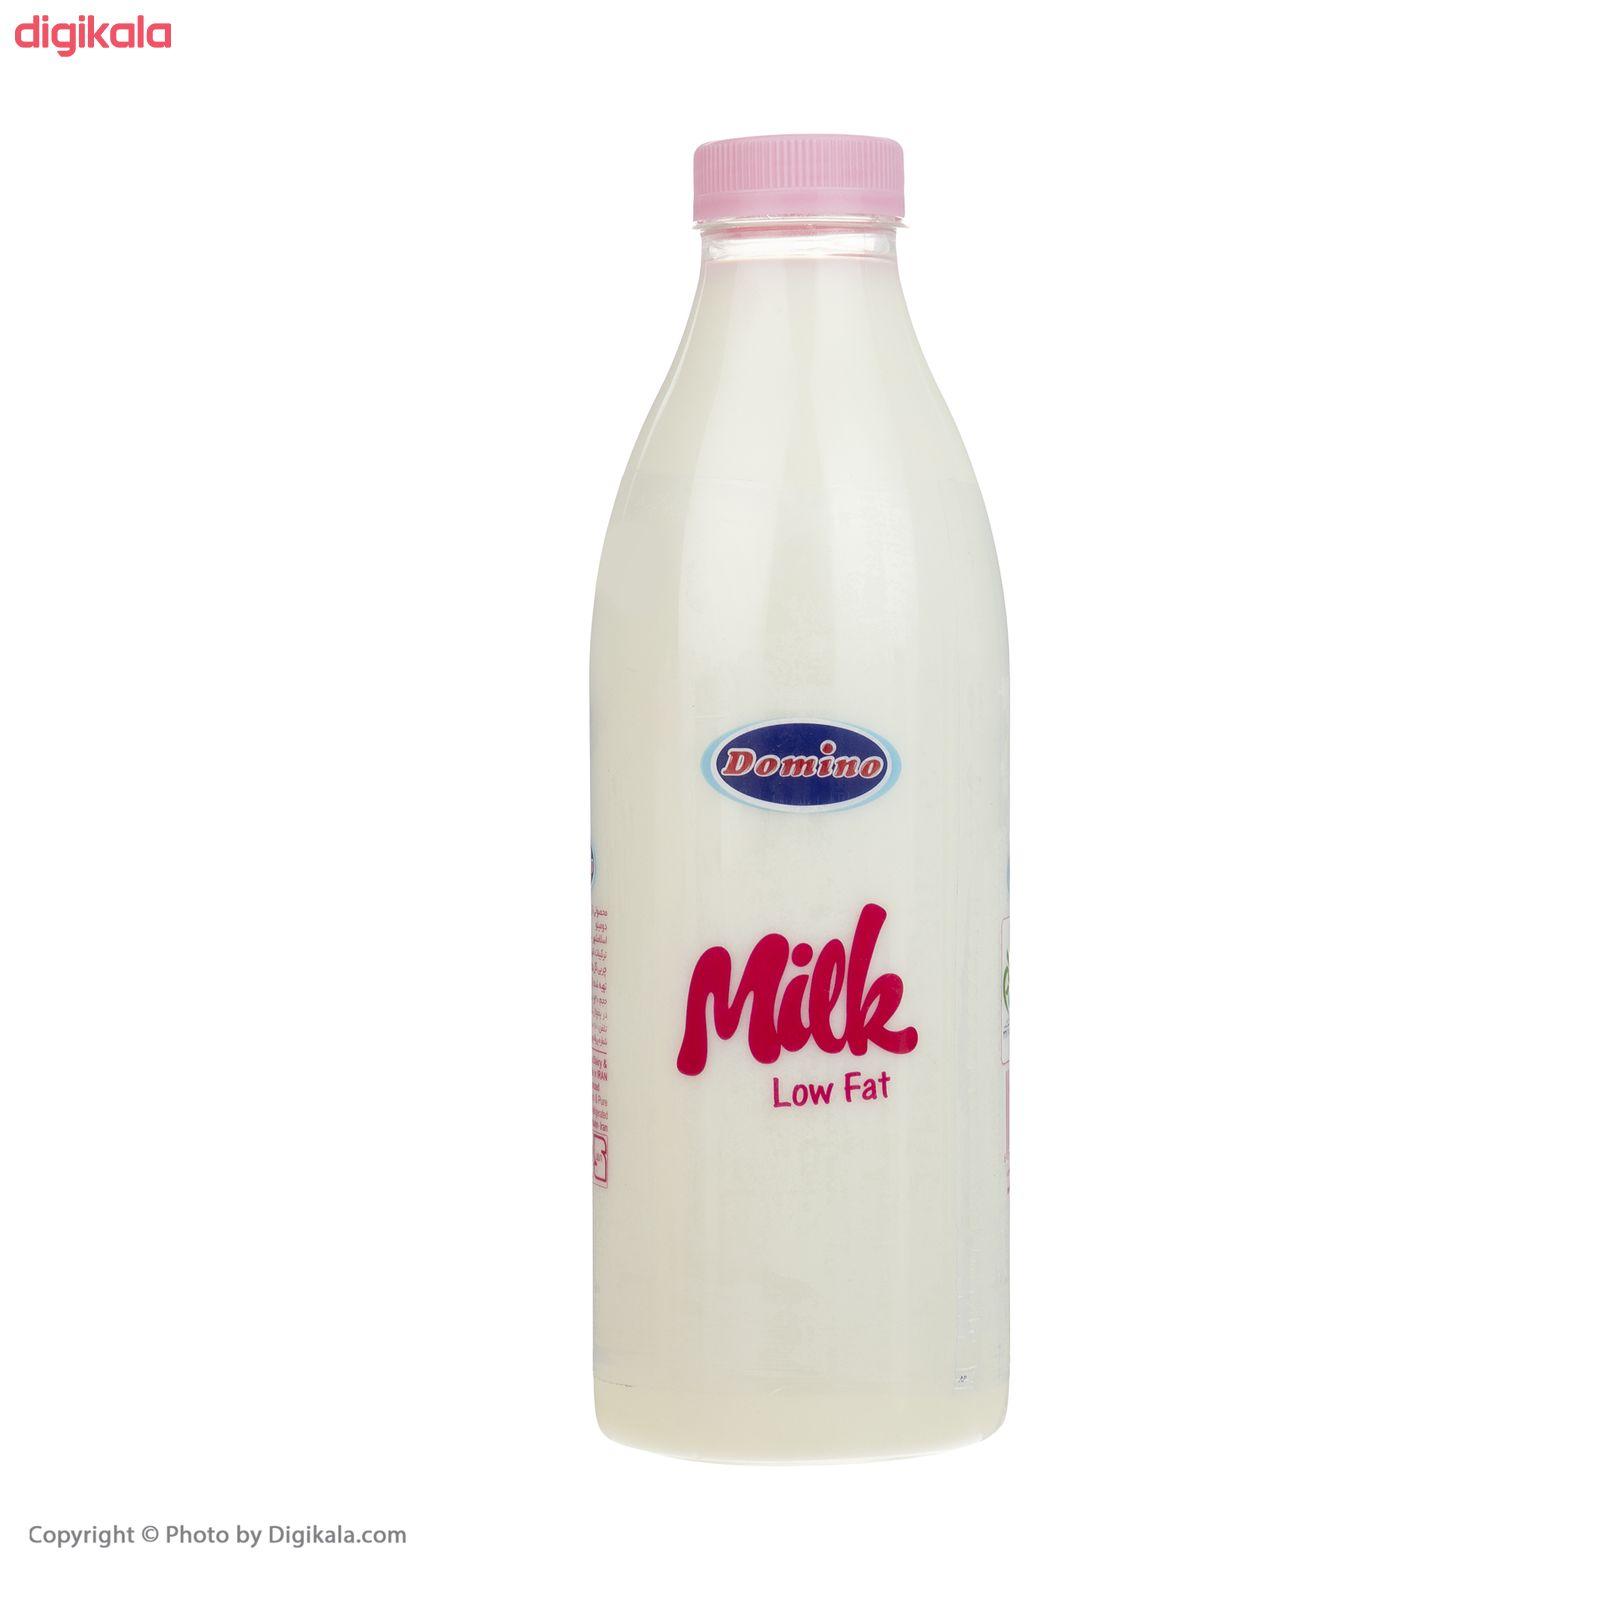 شیر کم چرب دومینو - 950 لیتر main 1 2